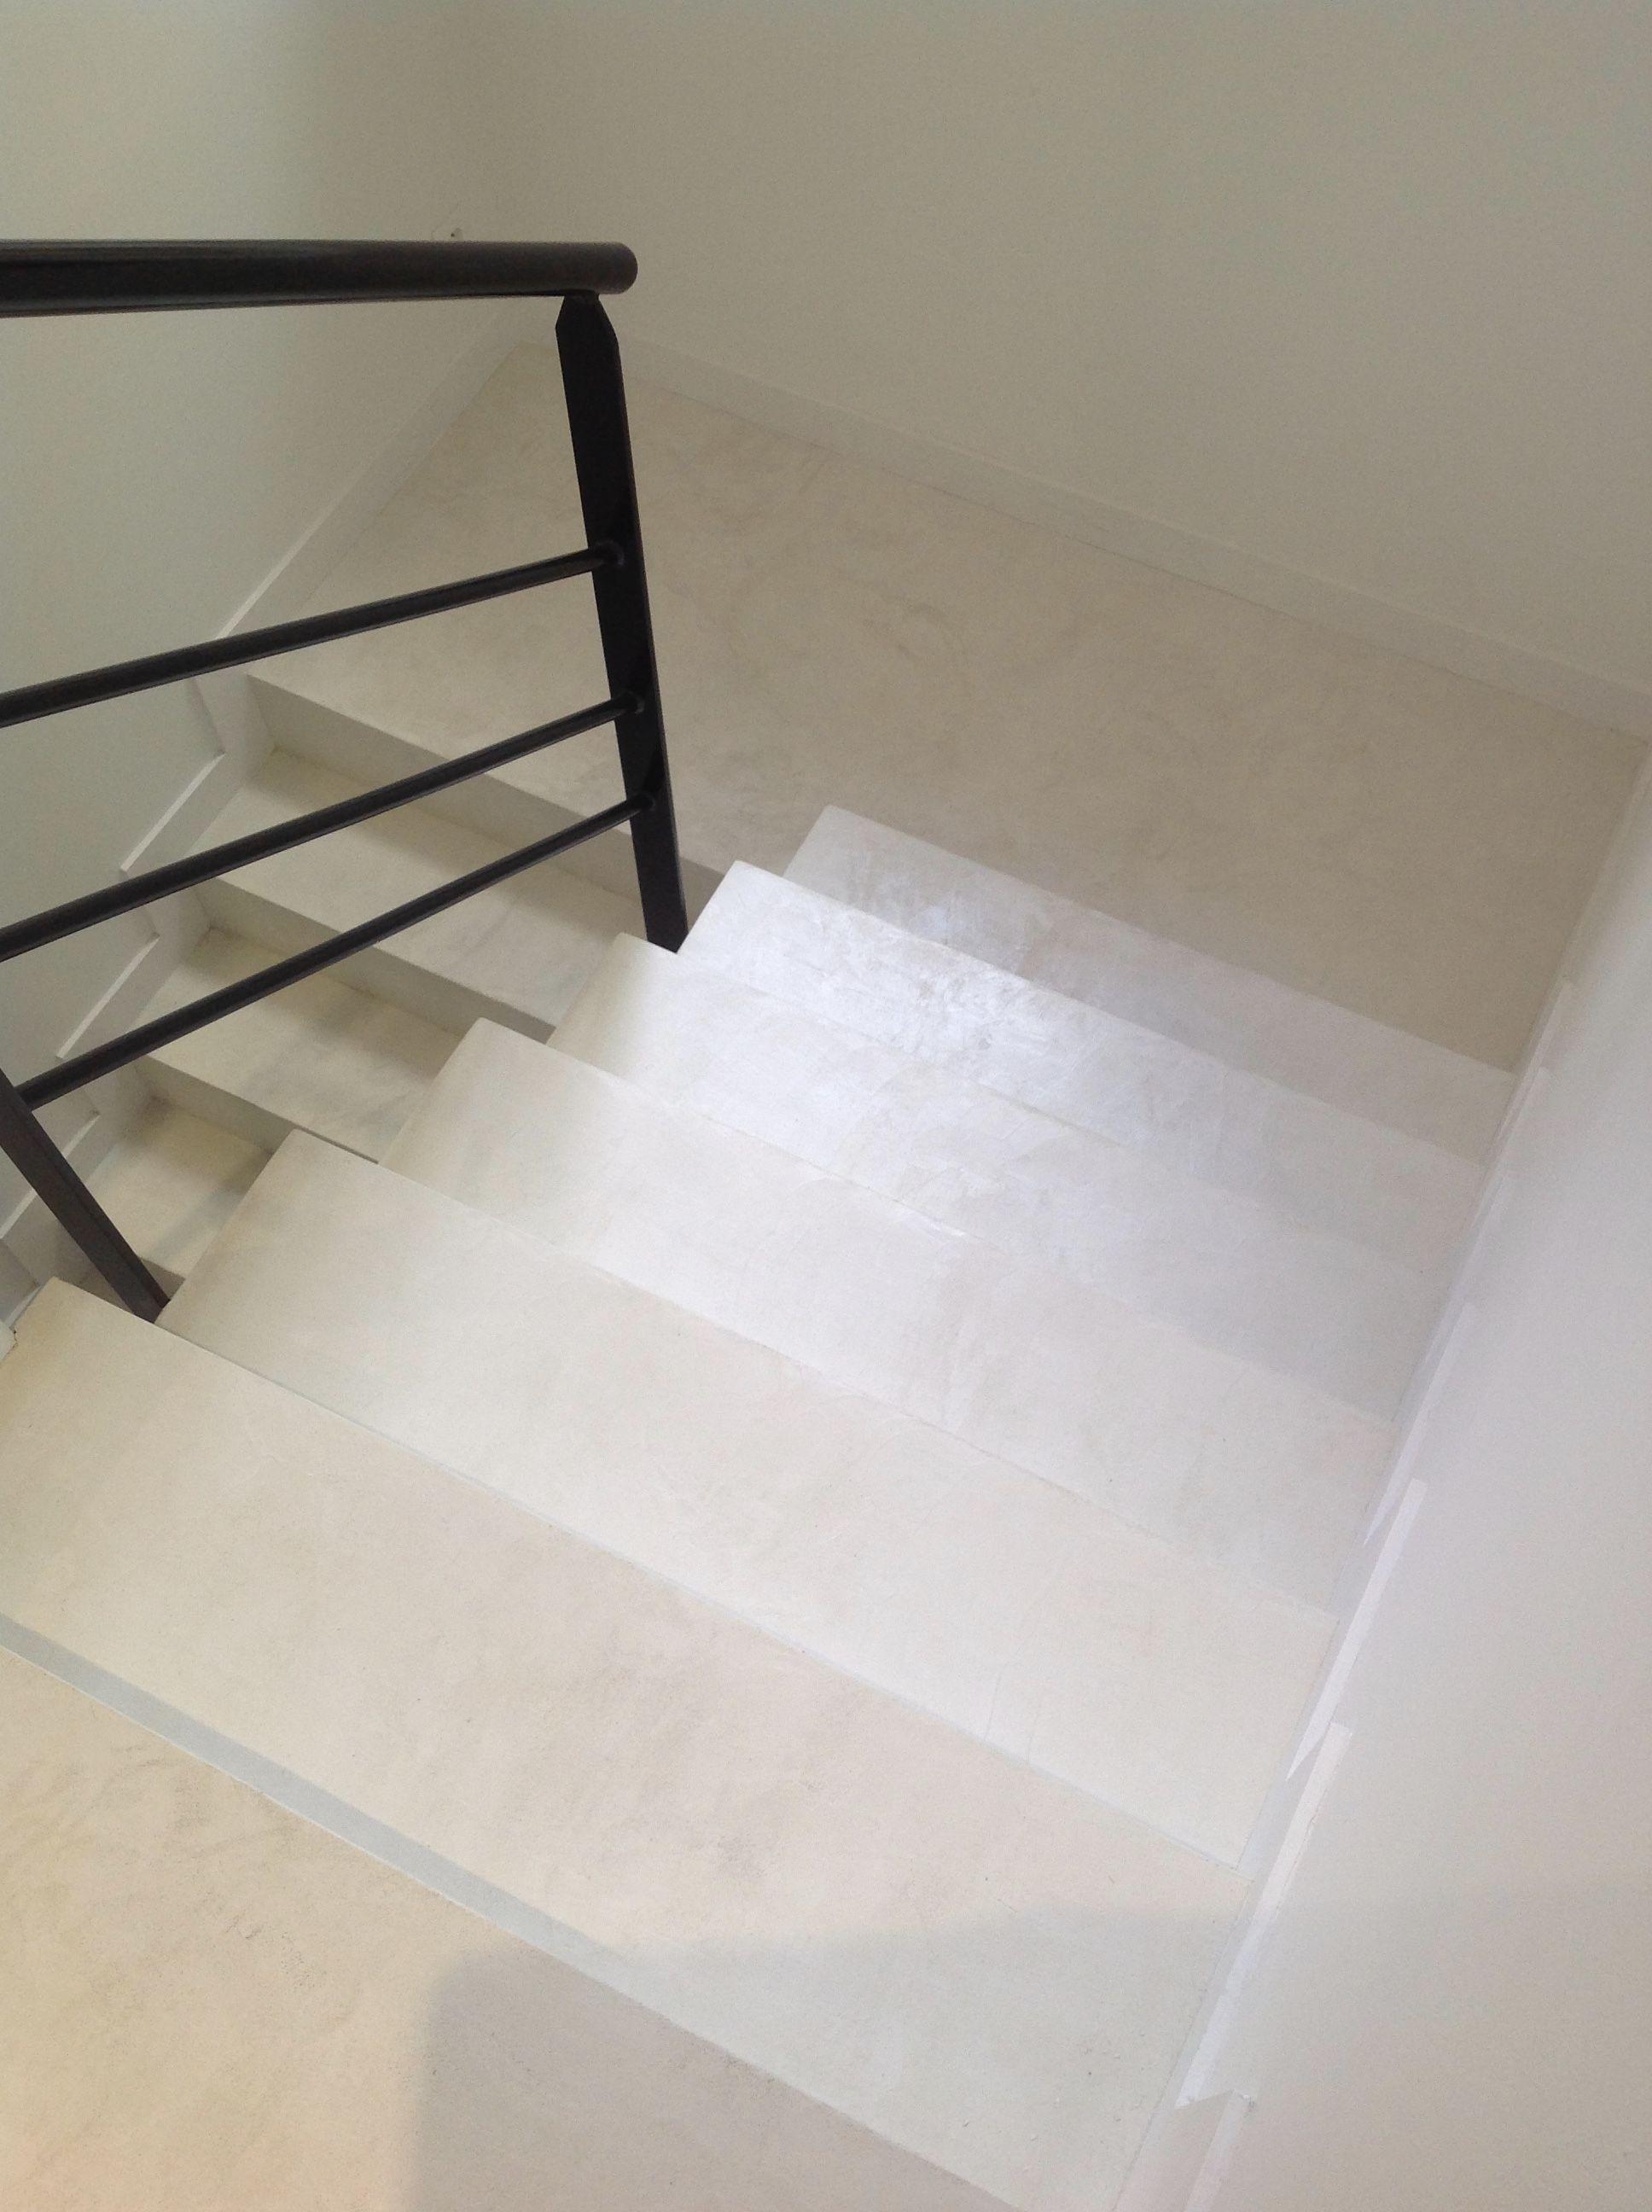 Helle Treppe In Beton Cire Mehr Infos Unter Www Farbefreudeleben De Escalier Beton Escalier En Colimacon Escalier